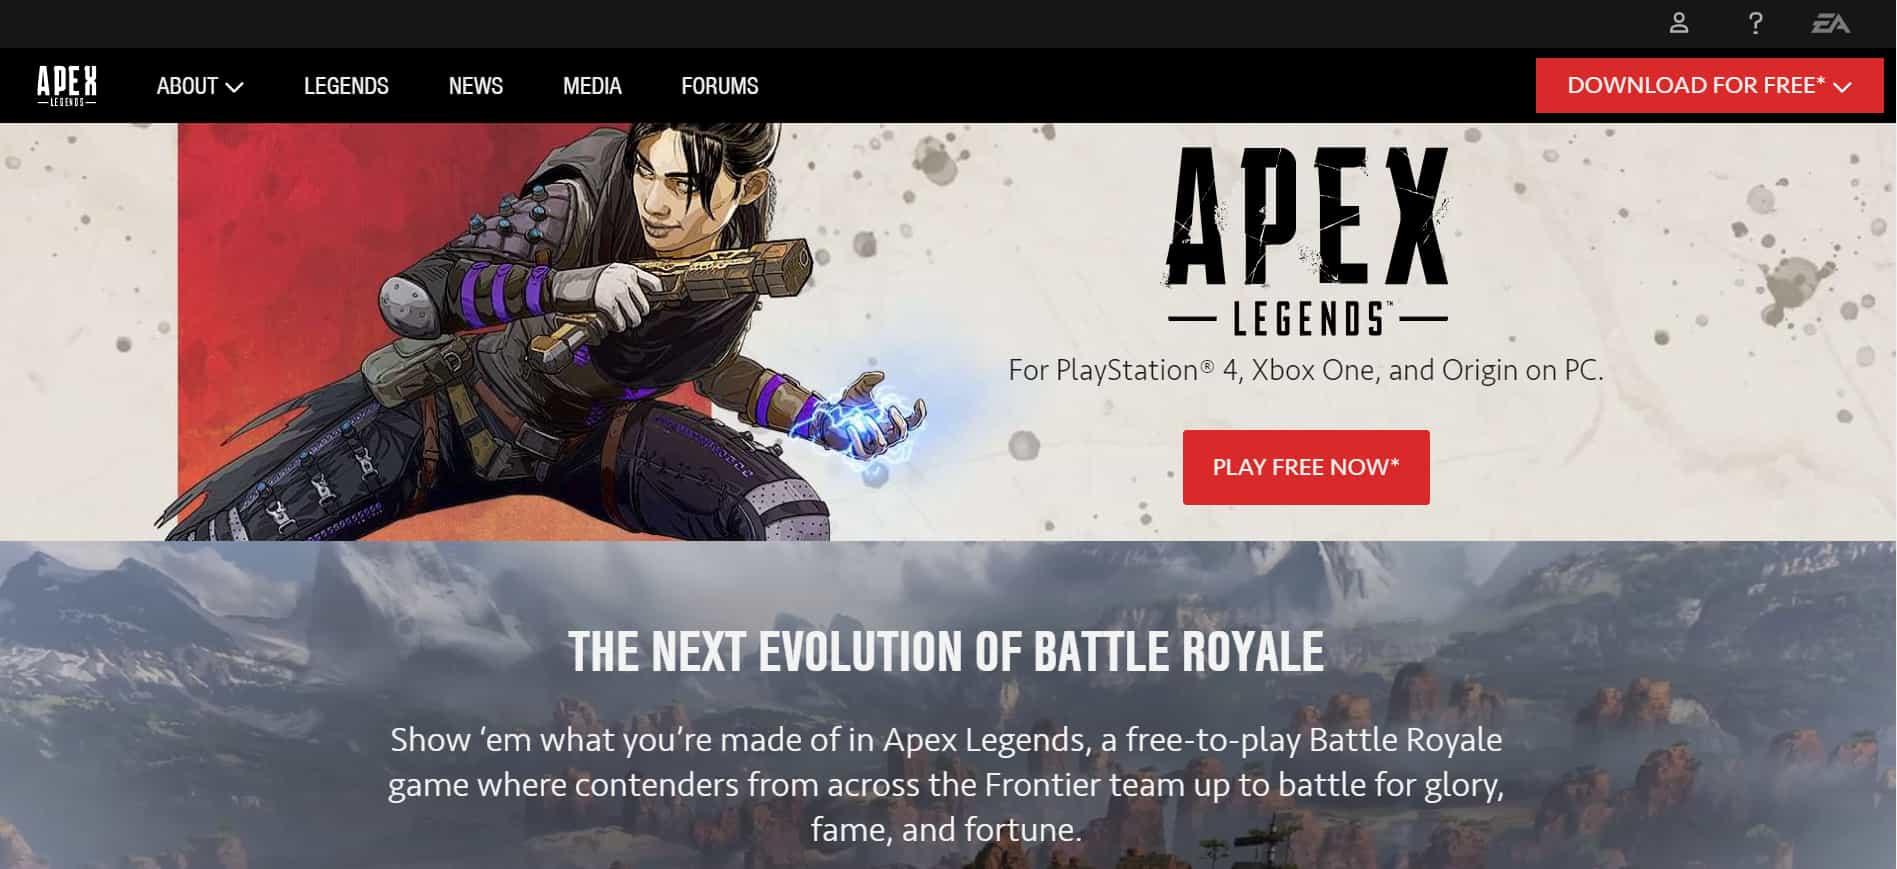 Apex Legends Image